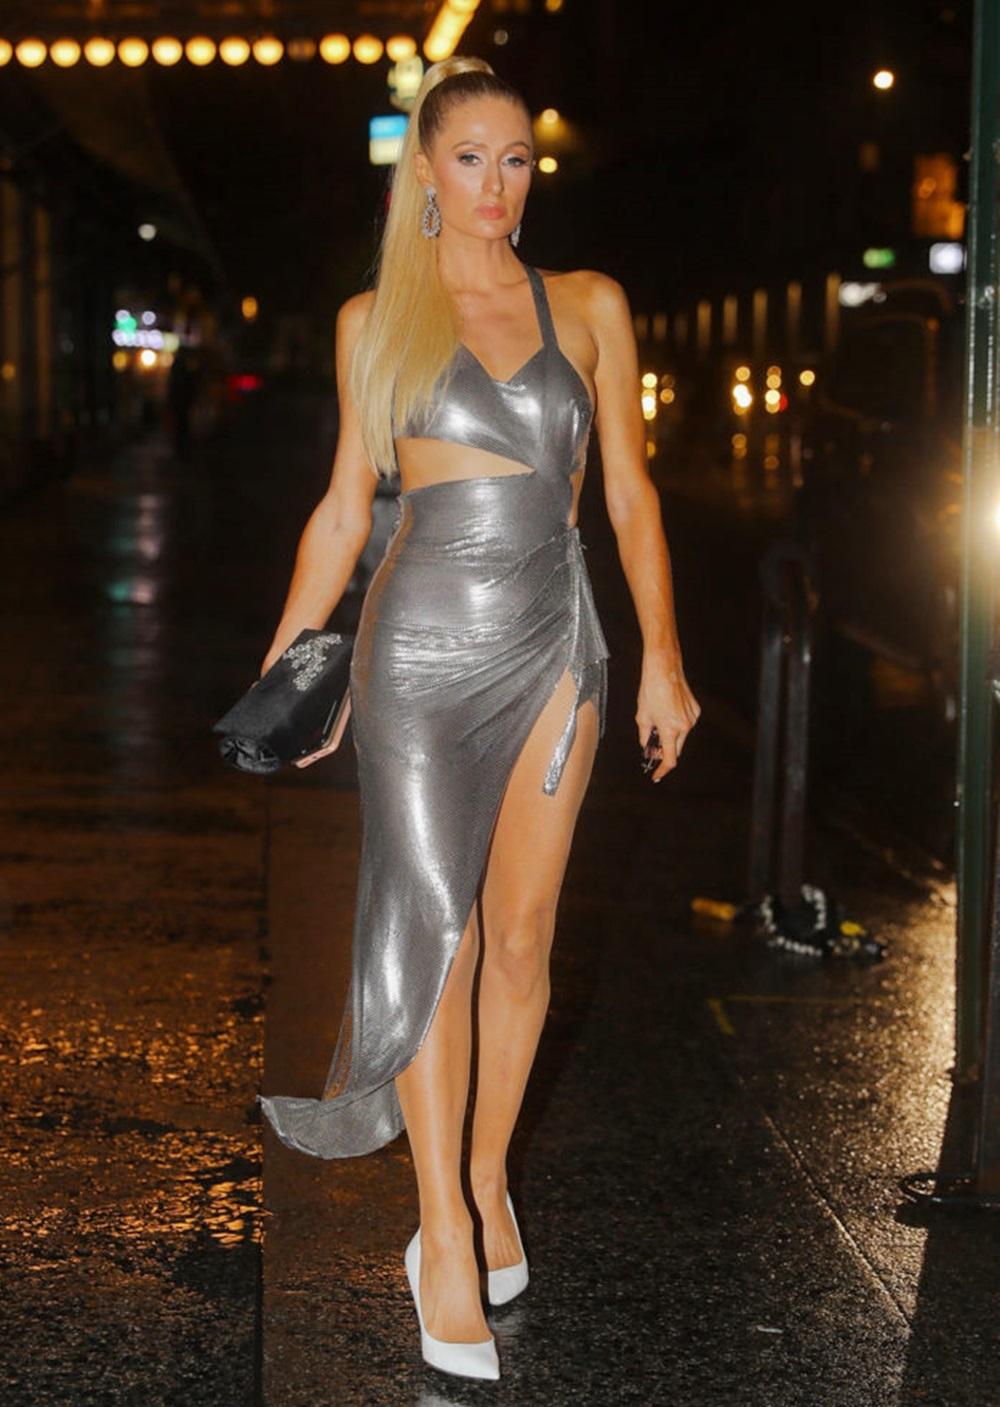 Cô cột tóc đuôi ngựa, diện đầm ánh bạc cắt khoét eo của Fannie Schiavoni ở sự kiện Kkw X Winnie năm 2019. Cô phối giày trắng Sergio Rossi, nhấn vào clutch đen Cleopatra Crystal và khuyên tai bản to.